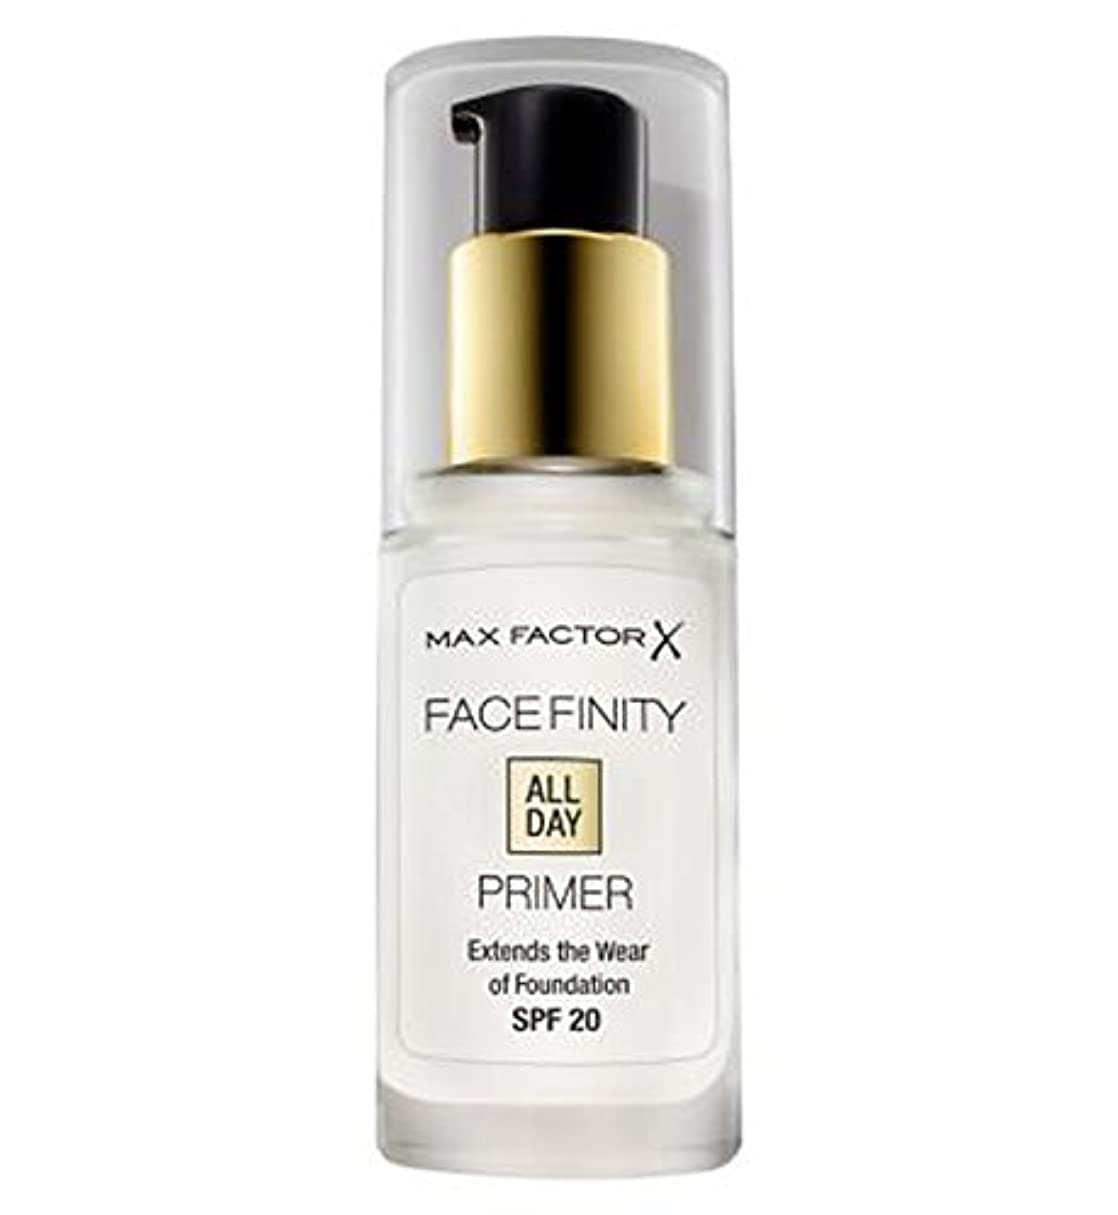 津波正確部分的にMax Factor Facefinity All Day Primer - マックスファクターのFacefinity終日プライマー (Max Factor) [並行輸入品]